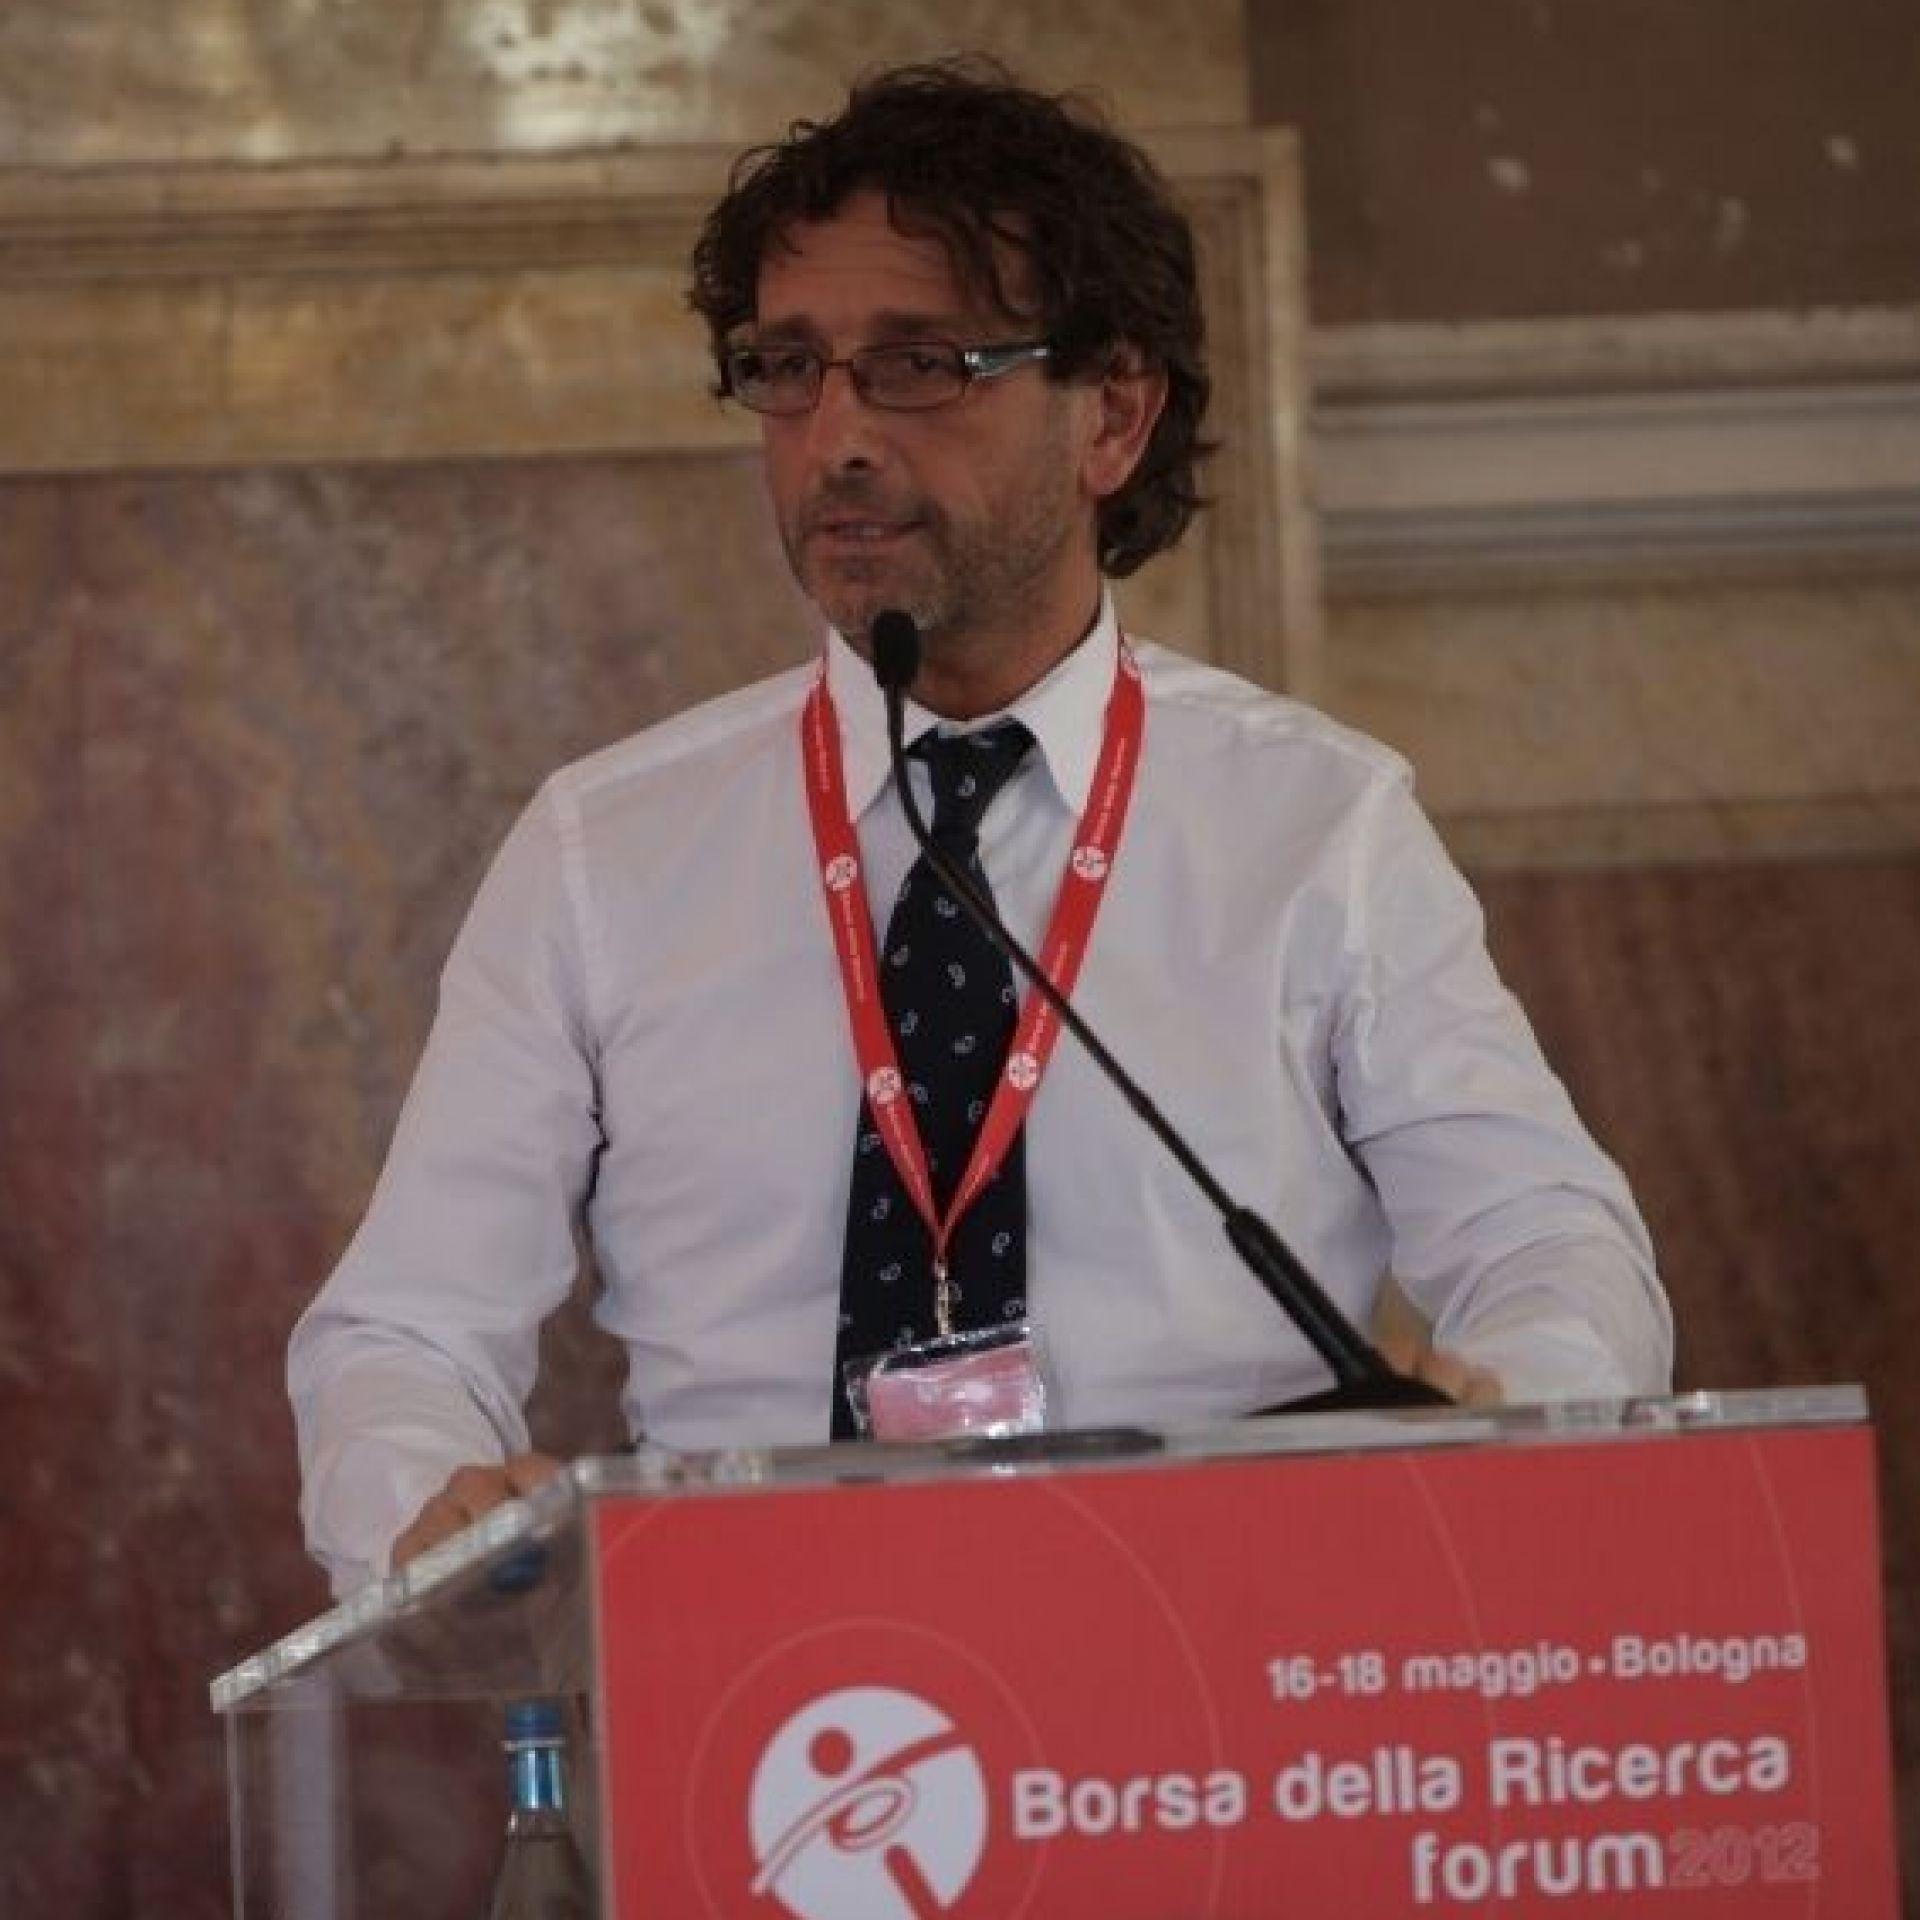 Tiziano Toschi